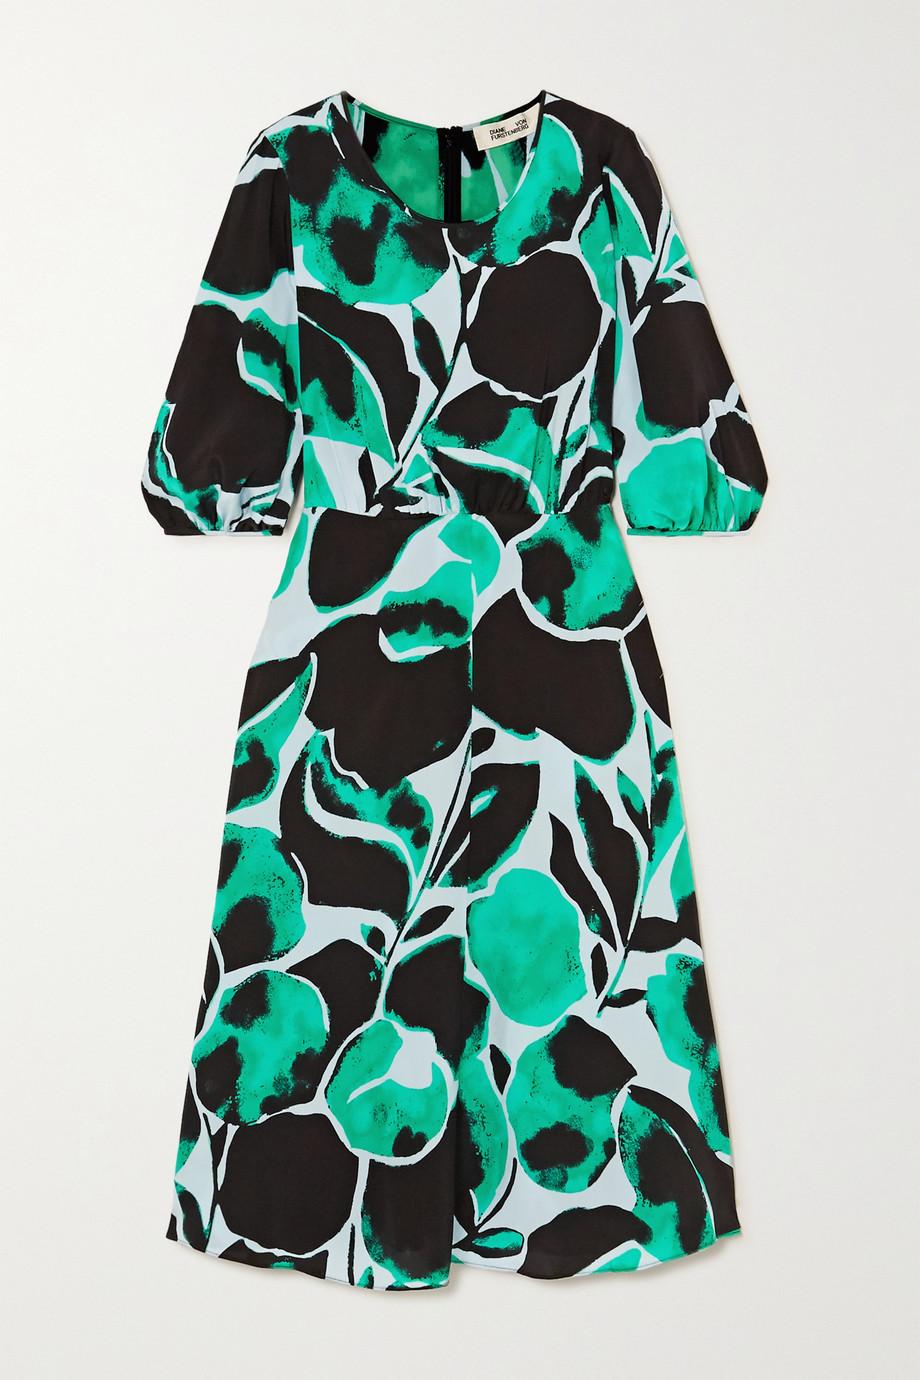 Diane von Furstenberg Robe en crêpe de Chine de soie imprimé Bliss